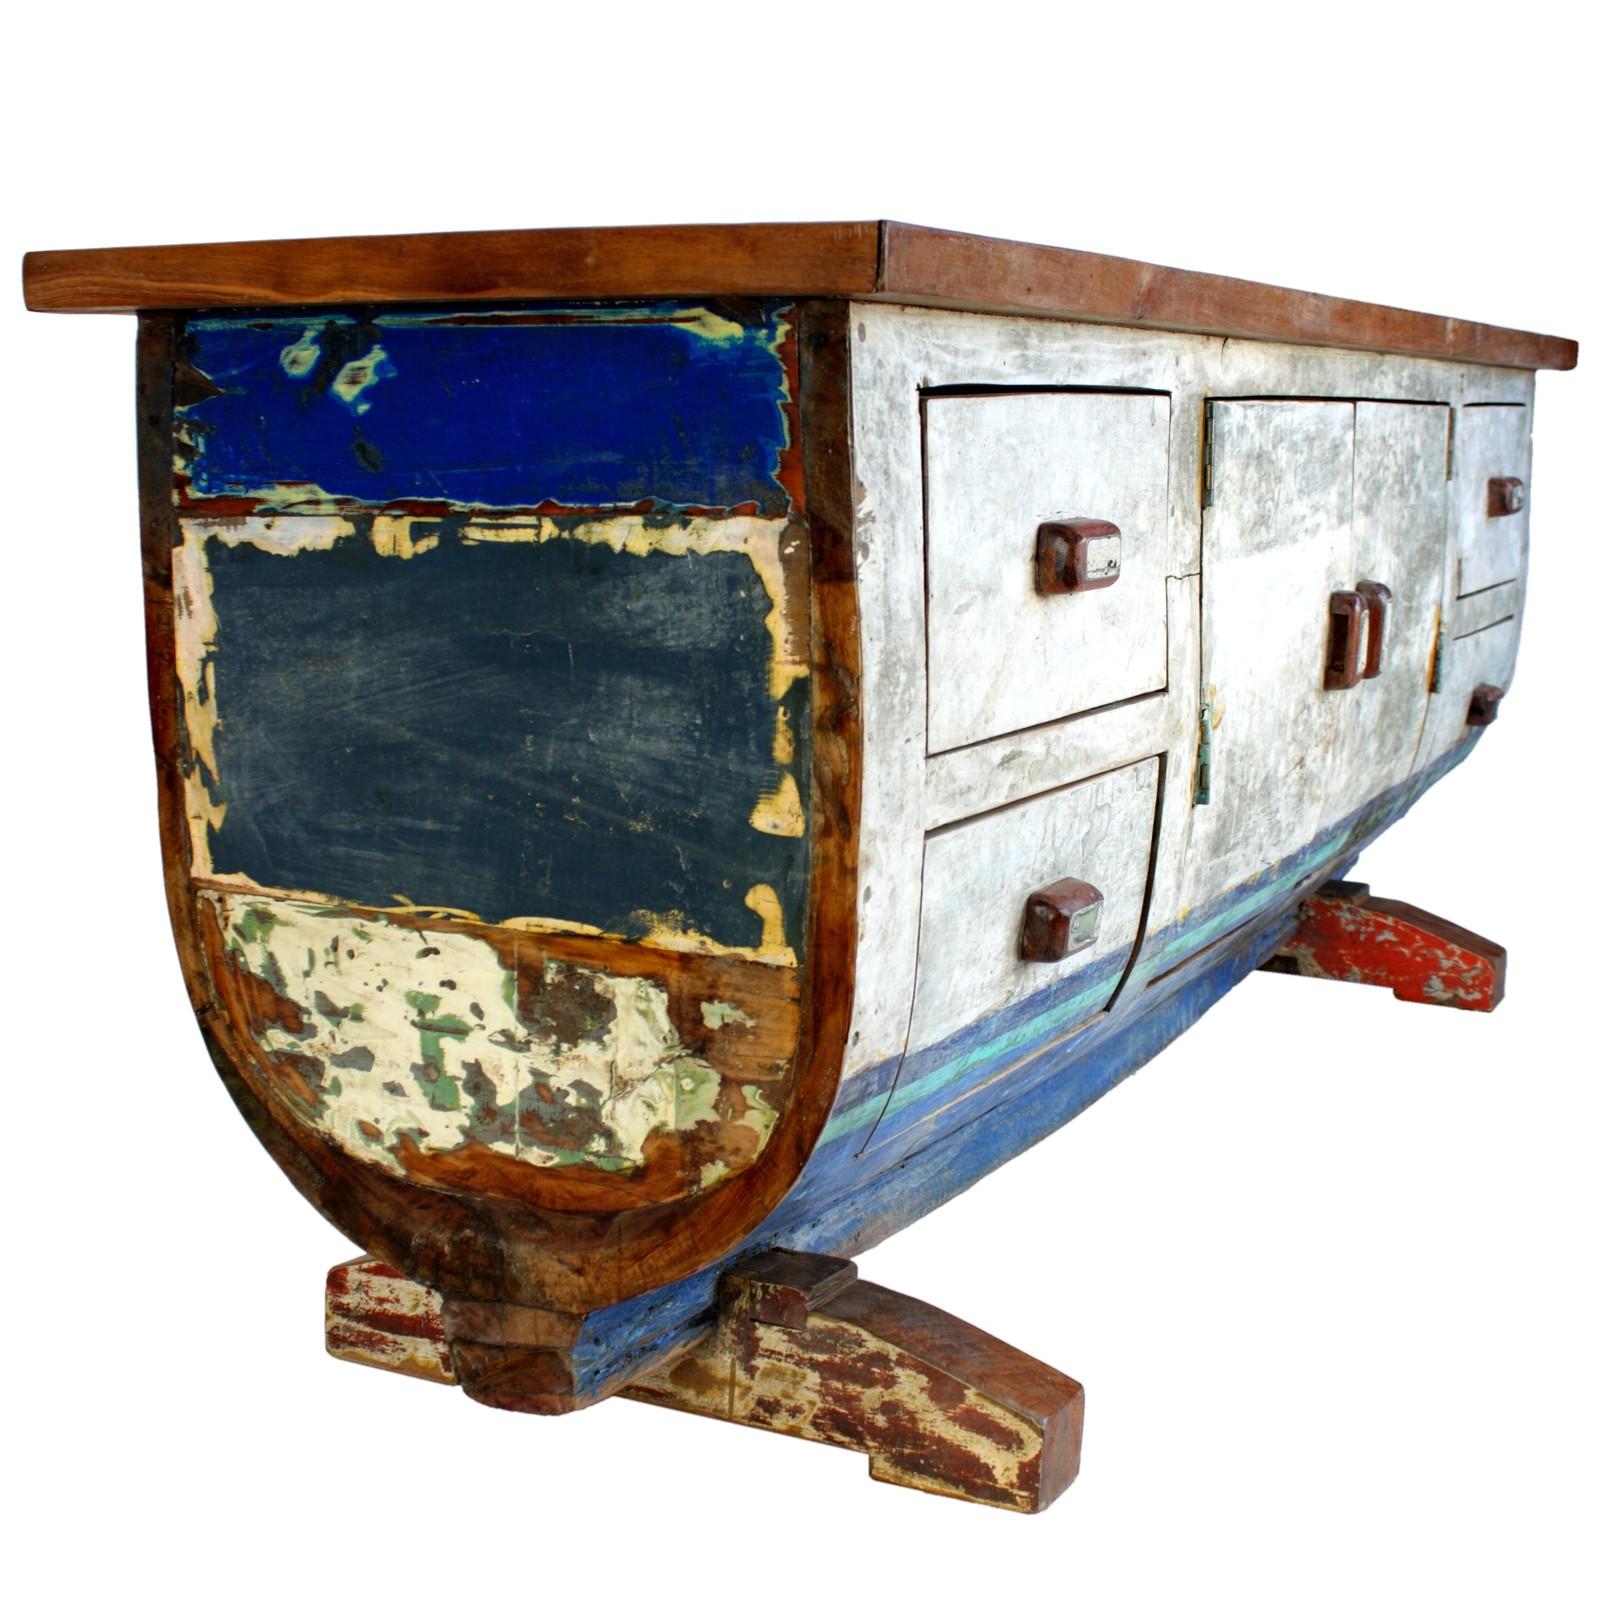 Mobel aus alten fischerbooten die neuesten innenarchitekturideen - Bootsholz mobel ...